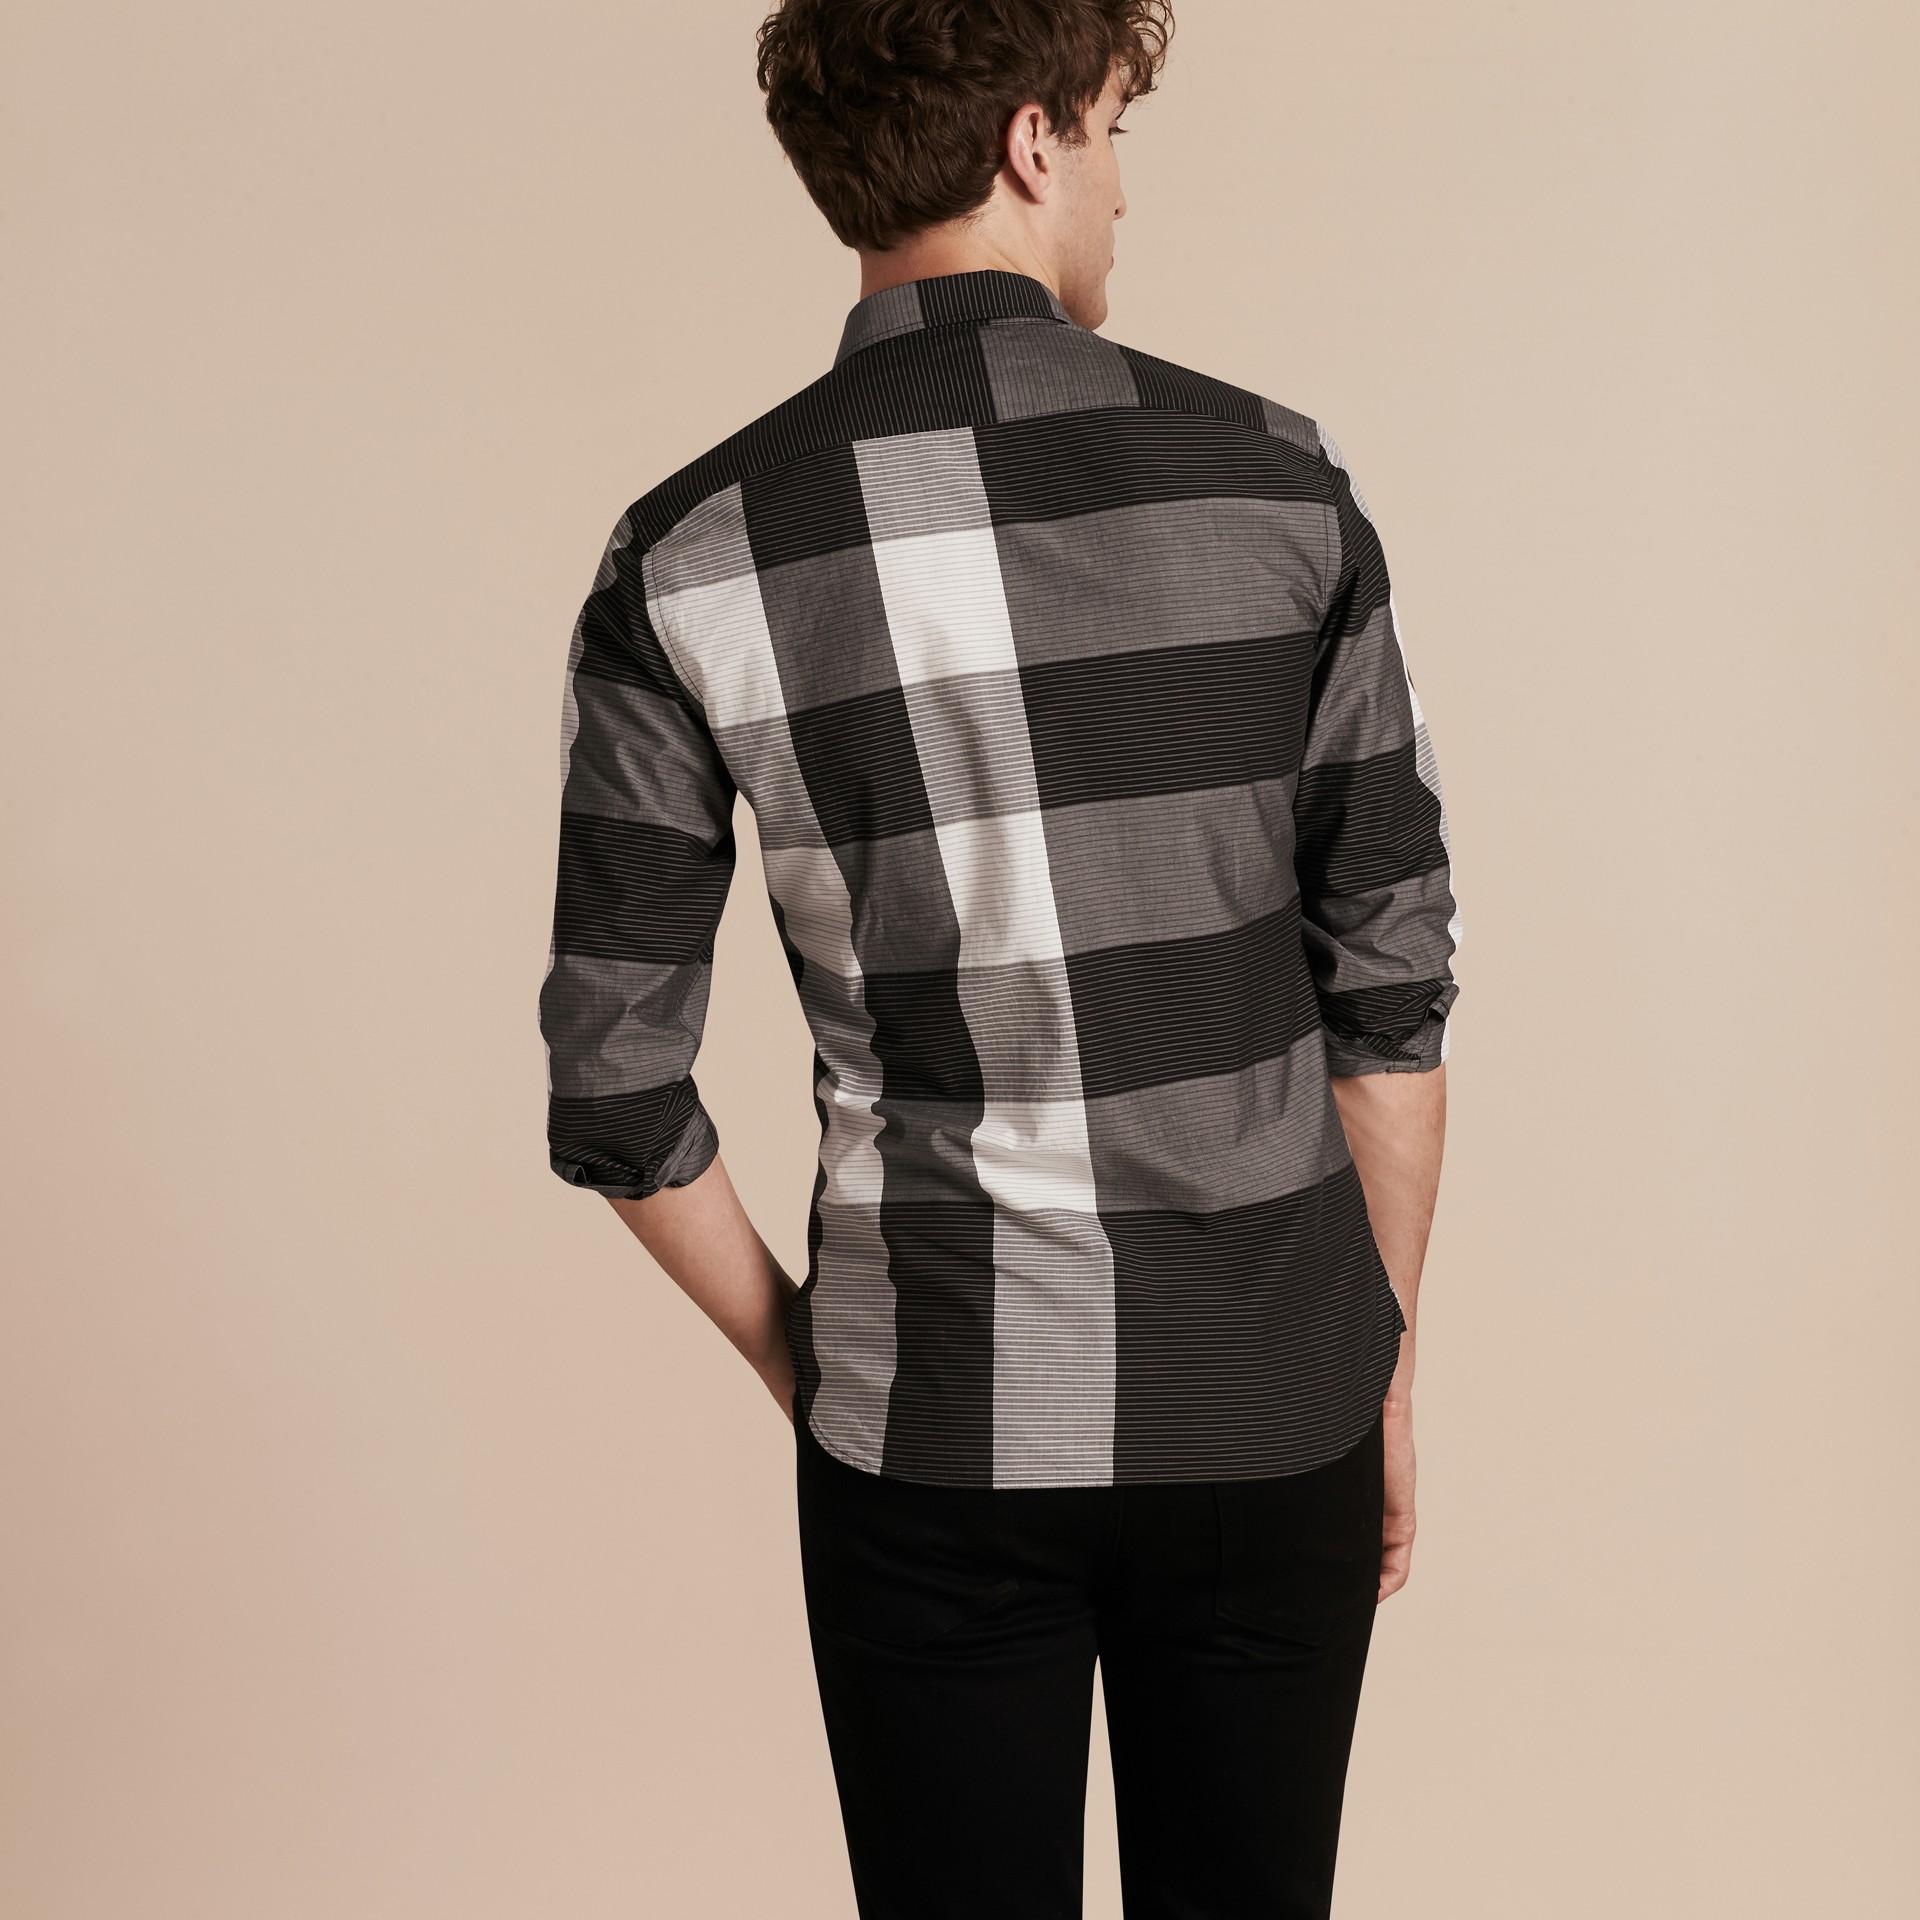 Schwarz Baumwollhemd mit grafischem Check-Muster Schwarz - Galerie-Bild 3